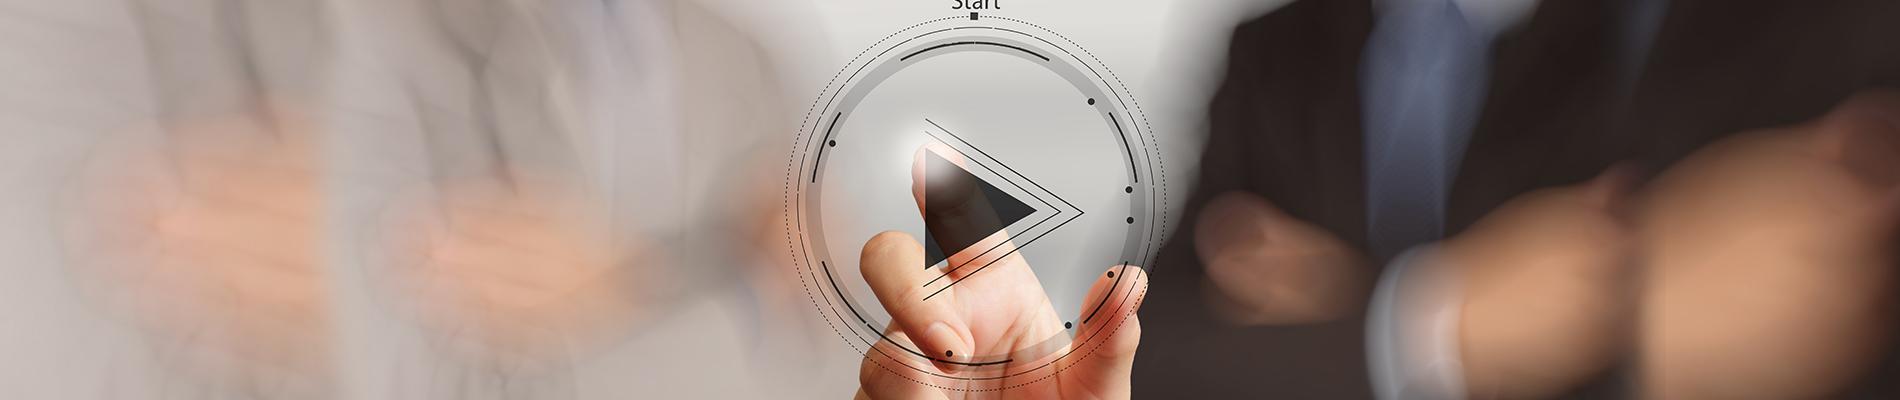 تاثیر ویدئو مارکتینگ بر بازاریابی و رتبه سایت